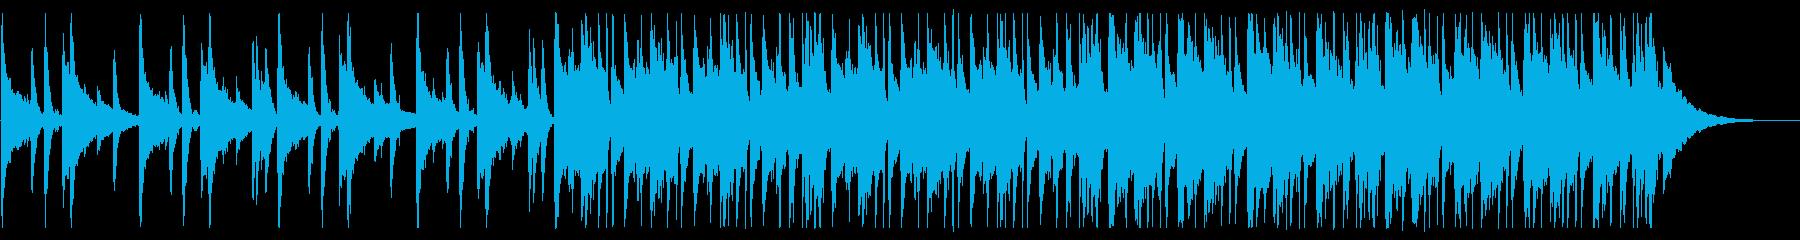 懐かしい雰囲気のチルR&B_2の再生済みの波形